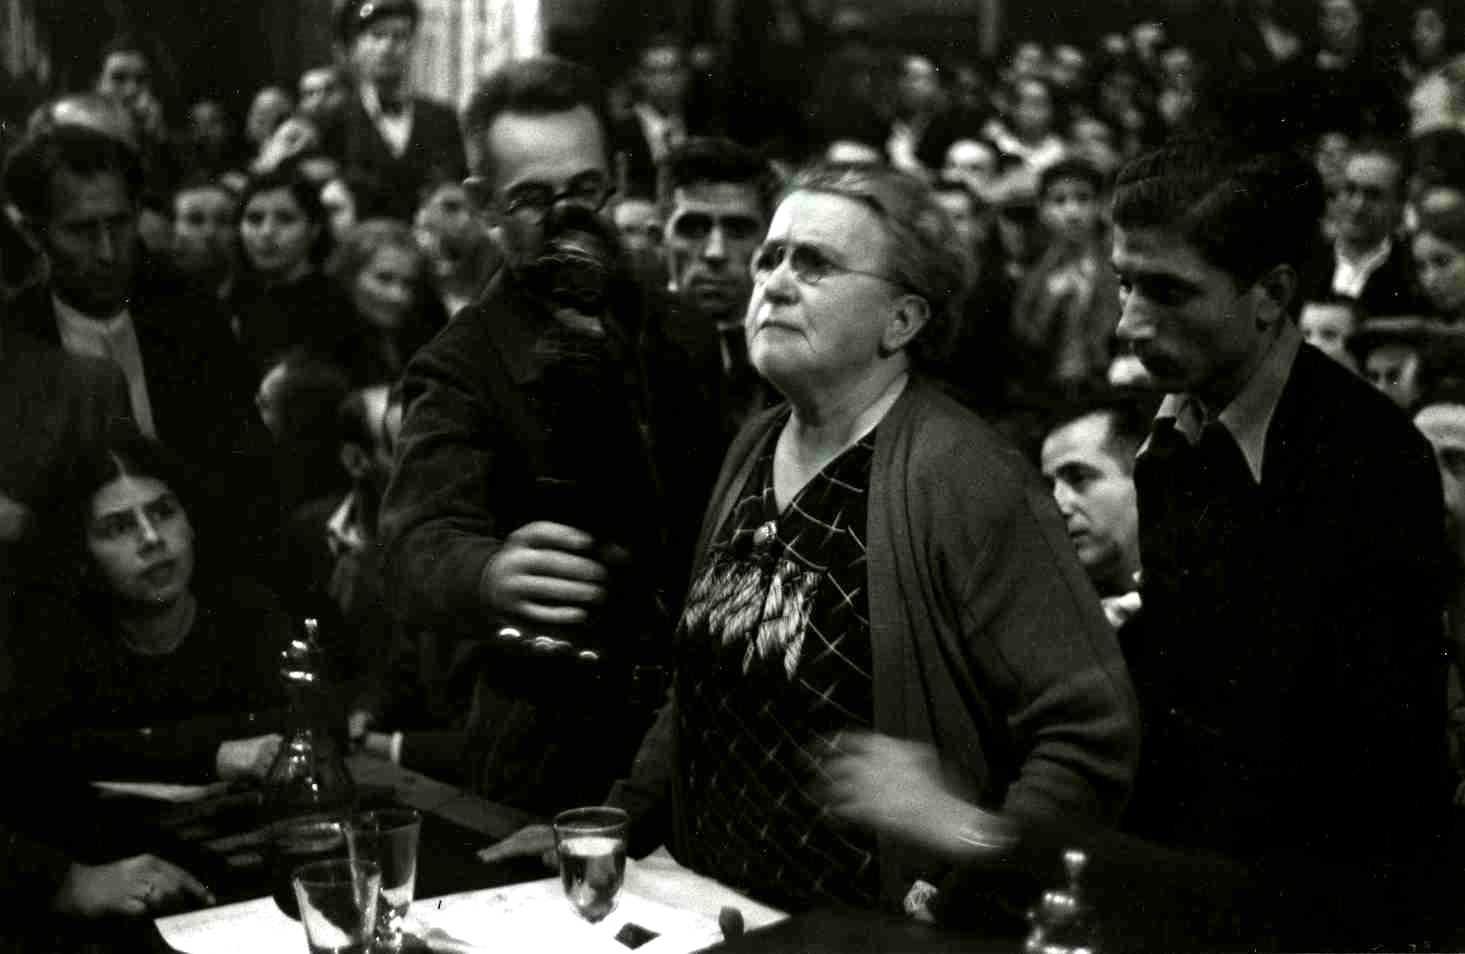 Emma Goldman en el míting de la CNT-FAI del 18 d'octubre de 1936 a Barcelona. A la seva dreta Jacinto Toryho i a la seva esquerra Juan Francisco Asó